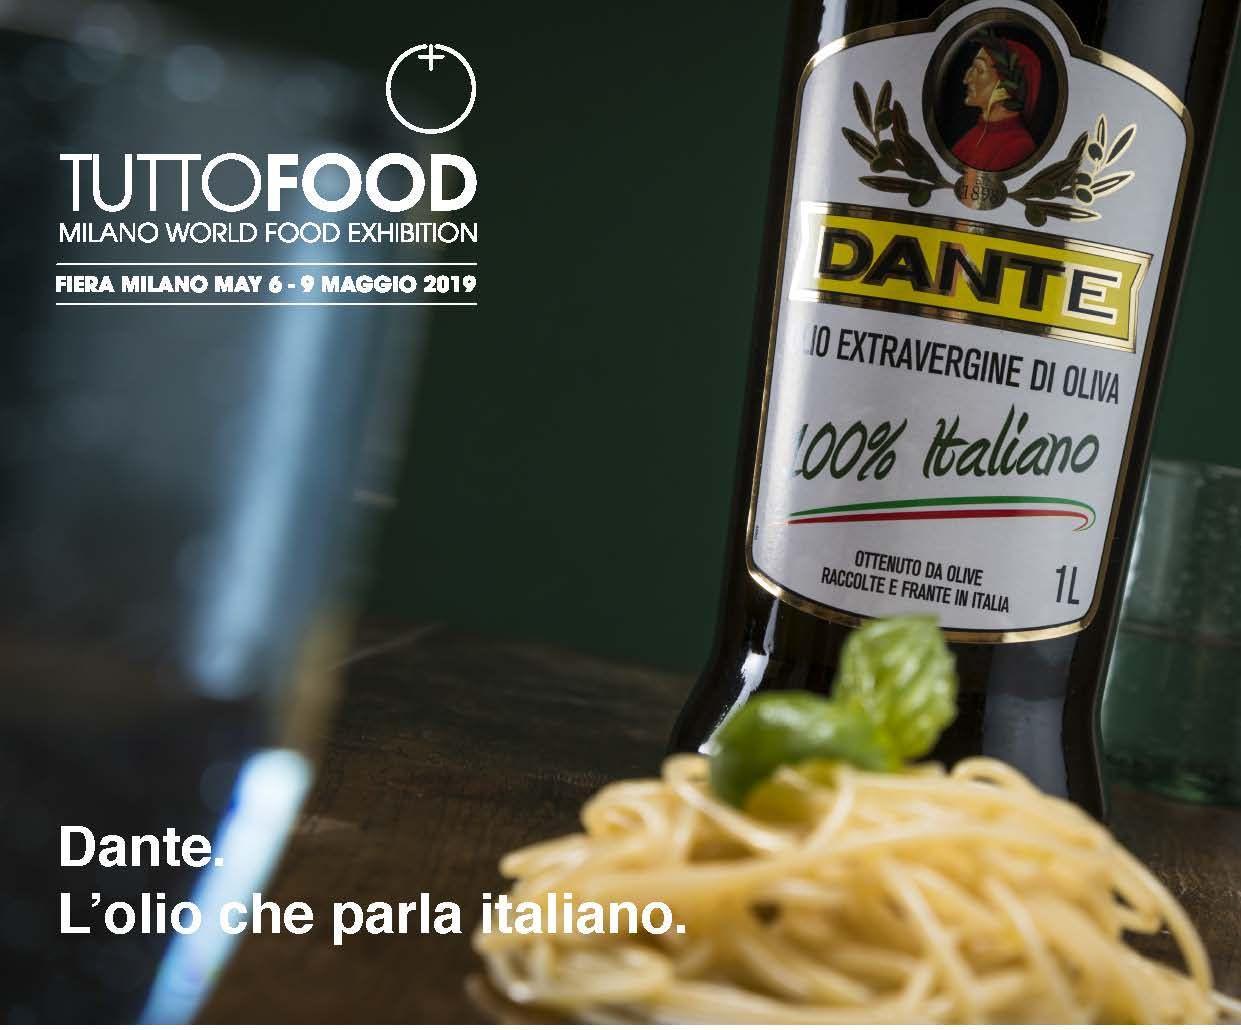 Olio Dante partecipa al Tuttofood 2019